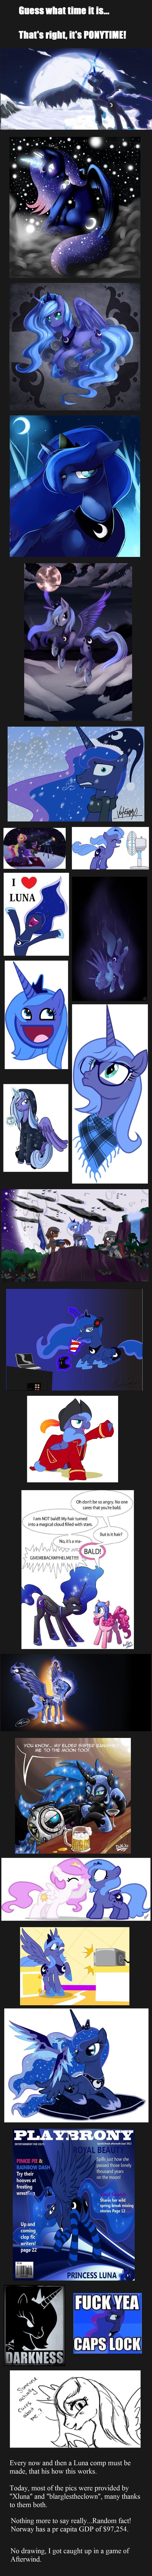 Ponycomp 90. Ponycomp 89: funnyjunk.com/channel/ponytime/Ponycomp+89/sjrRGfw/ DOWNLOAD LINK www.mediafire.com/?5z4w96n8qdl2w.. So... much... luna... My Little Pony ponies ponytime